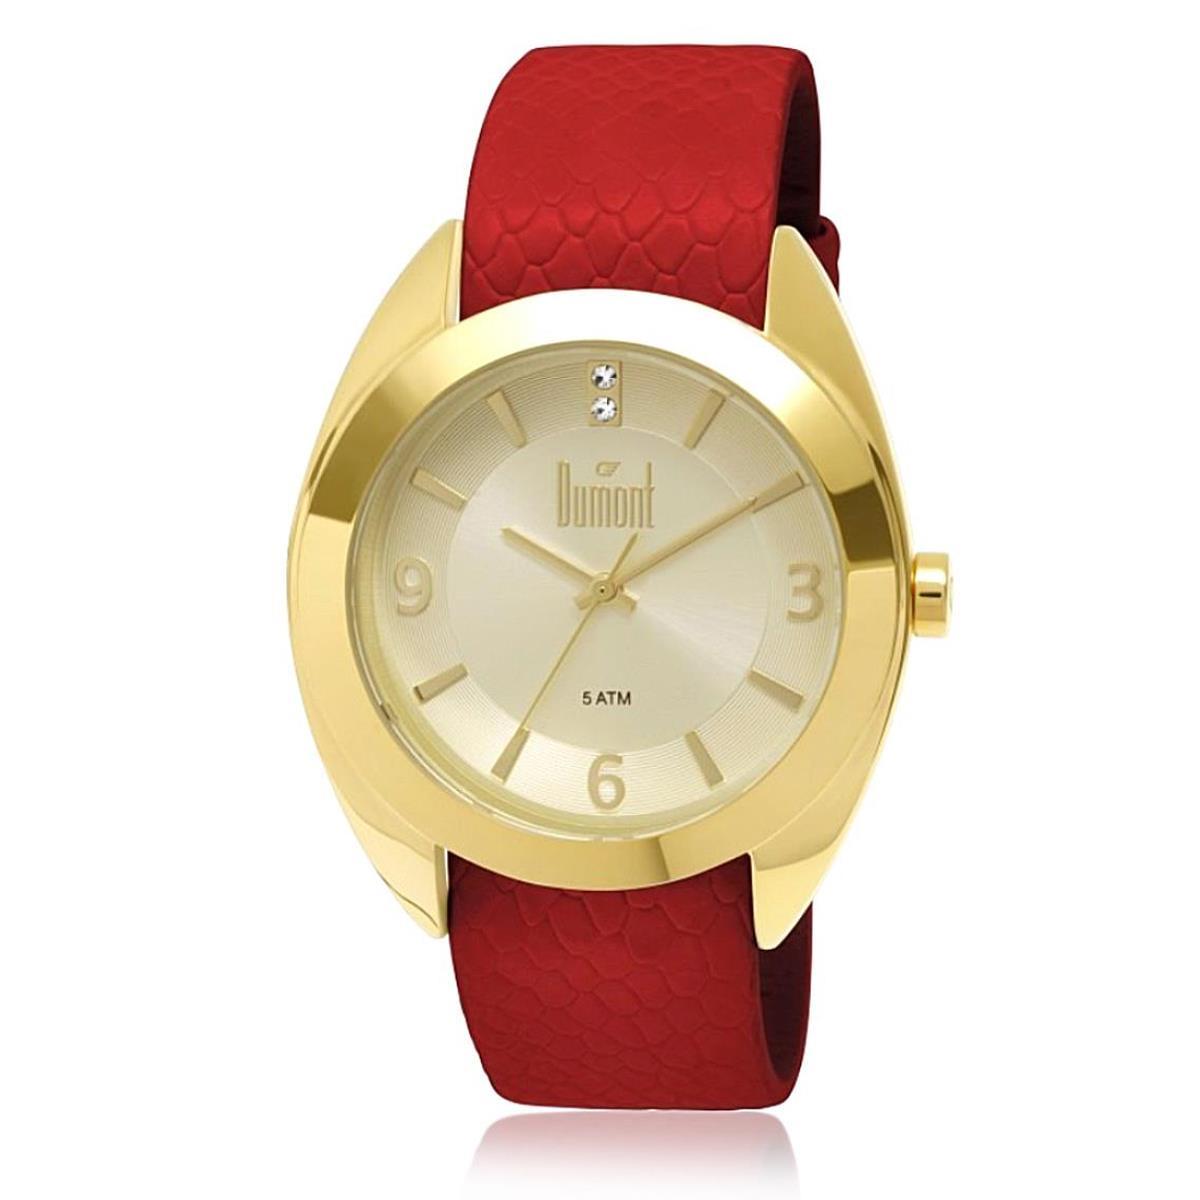 1627a22f943 Relógio Feminino Dumont Troca Pulseiras Analógico DU2035LND 2X Dourado com  Cristais